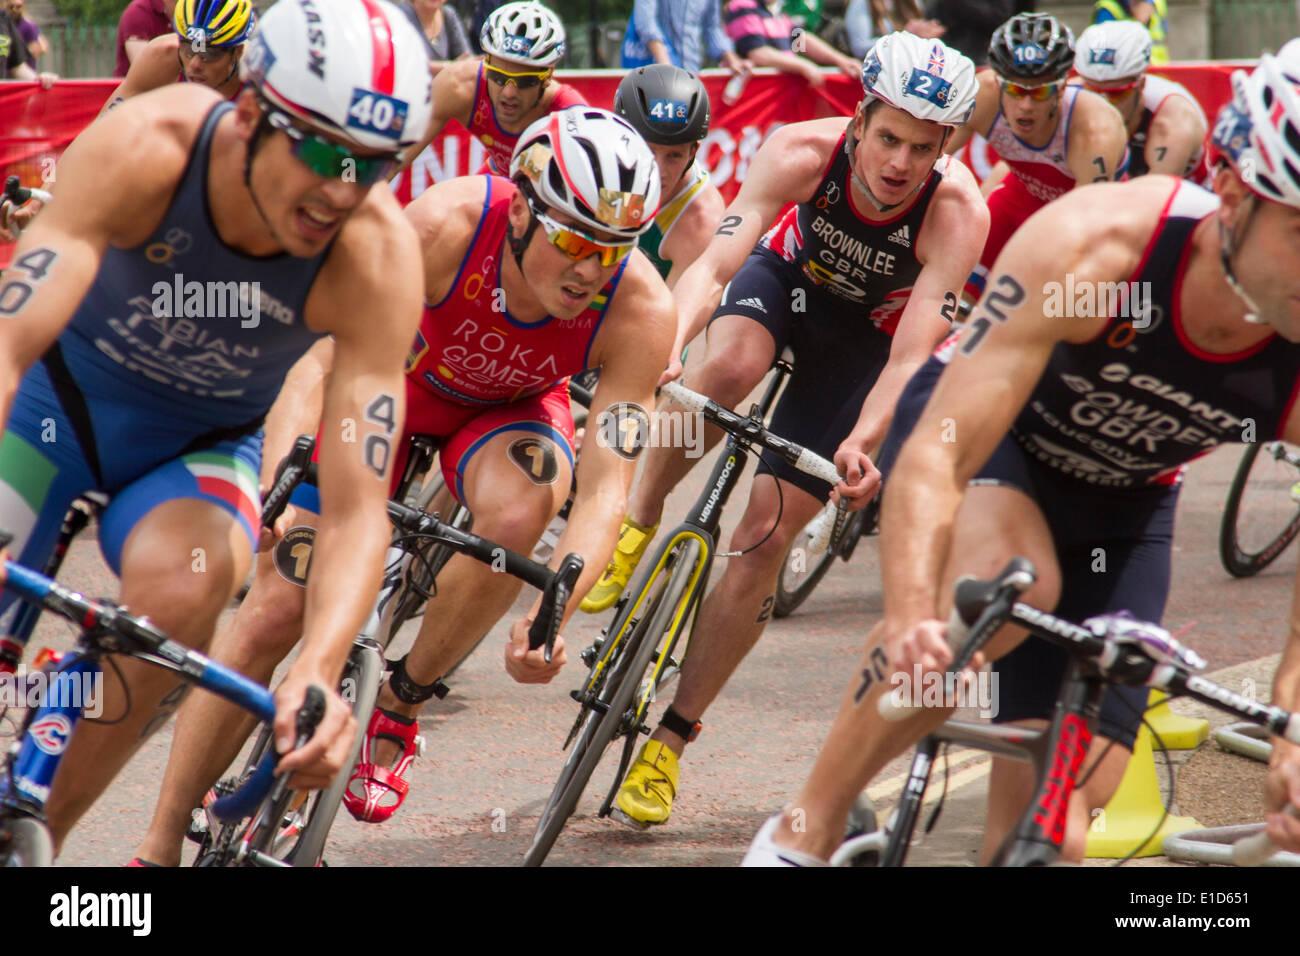 Jonathan Brownlee, Gran Bretagna (numero 2) e Javier Gomez Noya, Spagna (numero 1) competere in ITU Triathlon World Series, Londra UK, 31 maggio 2014. Brownlee finalmente finito in quinta posizione con Gomez Noya in sesta posizione. Immagini Stock